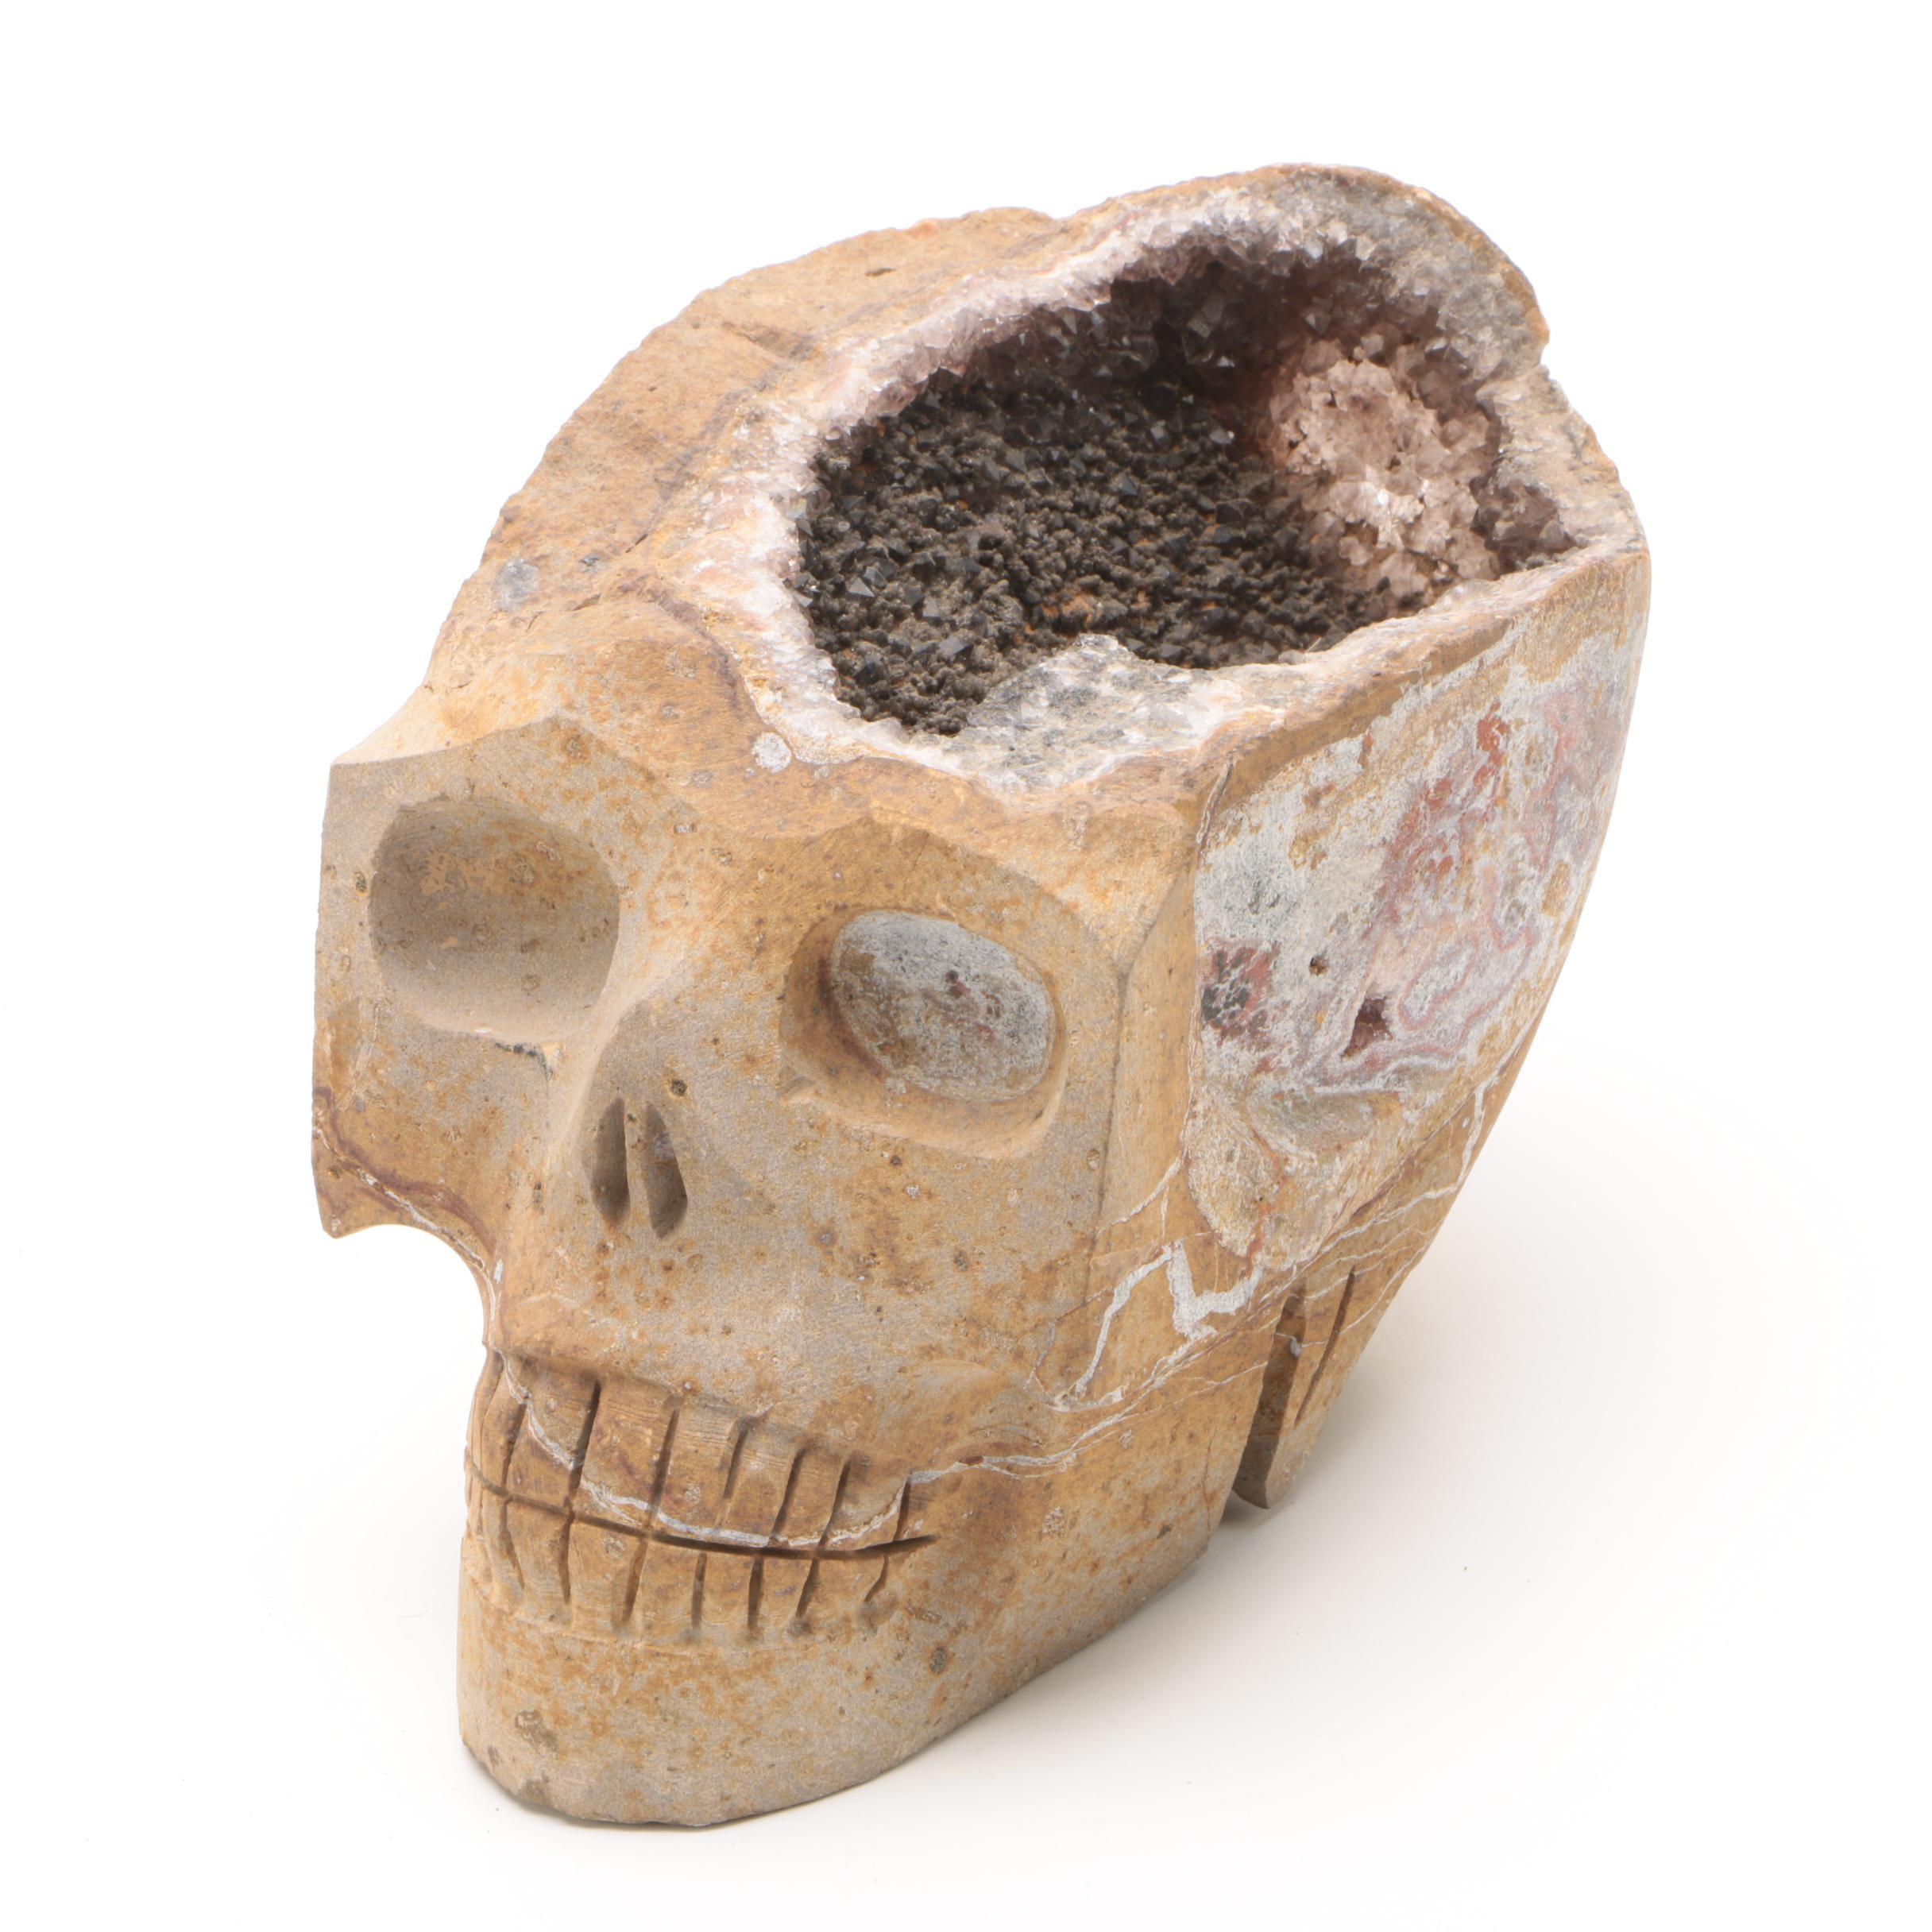 Carved Geode Skul